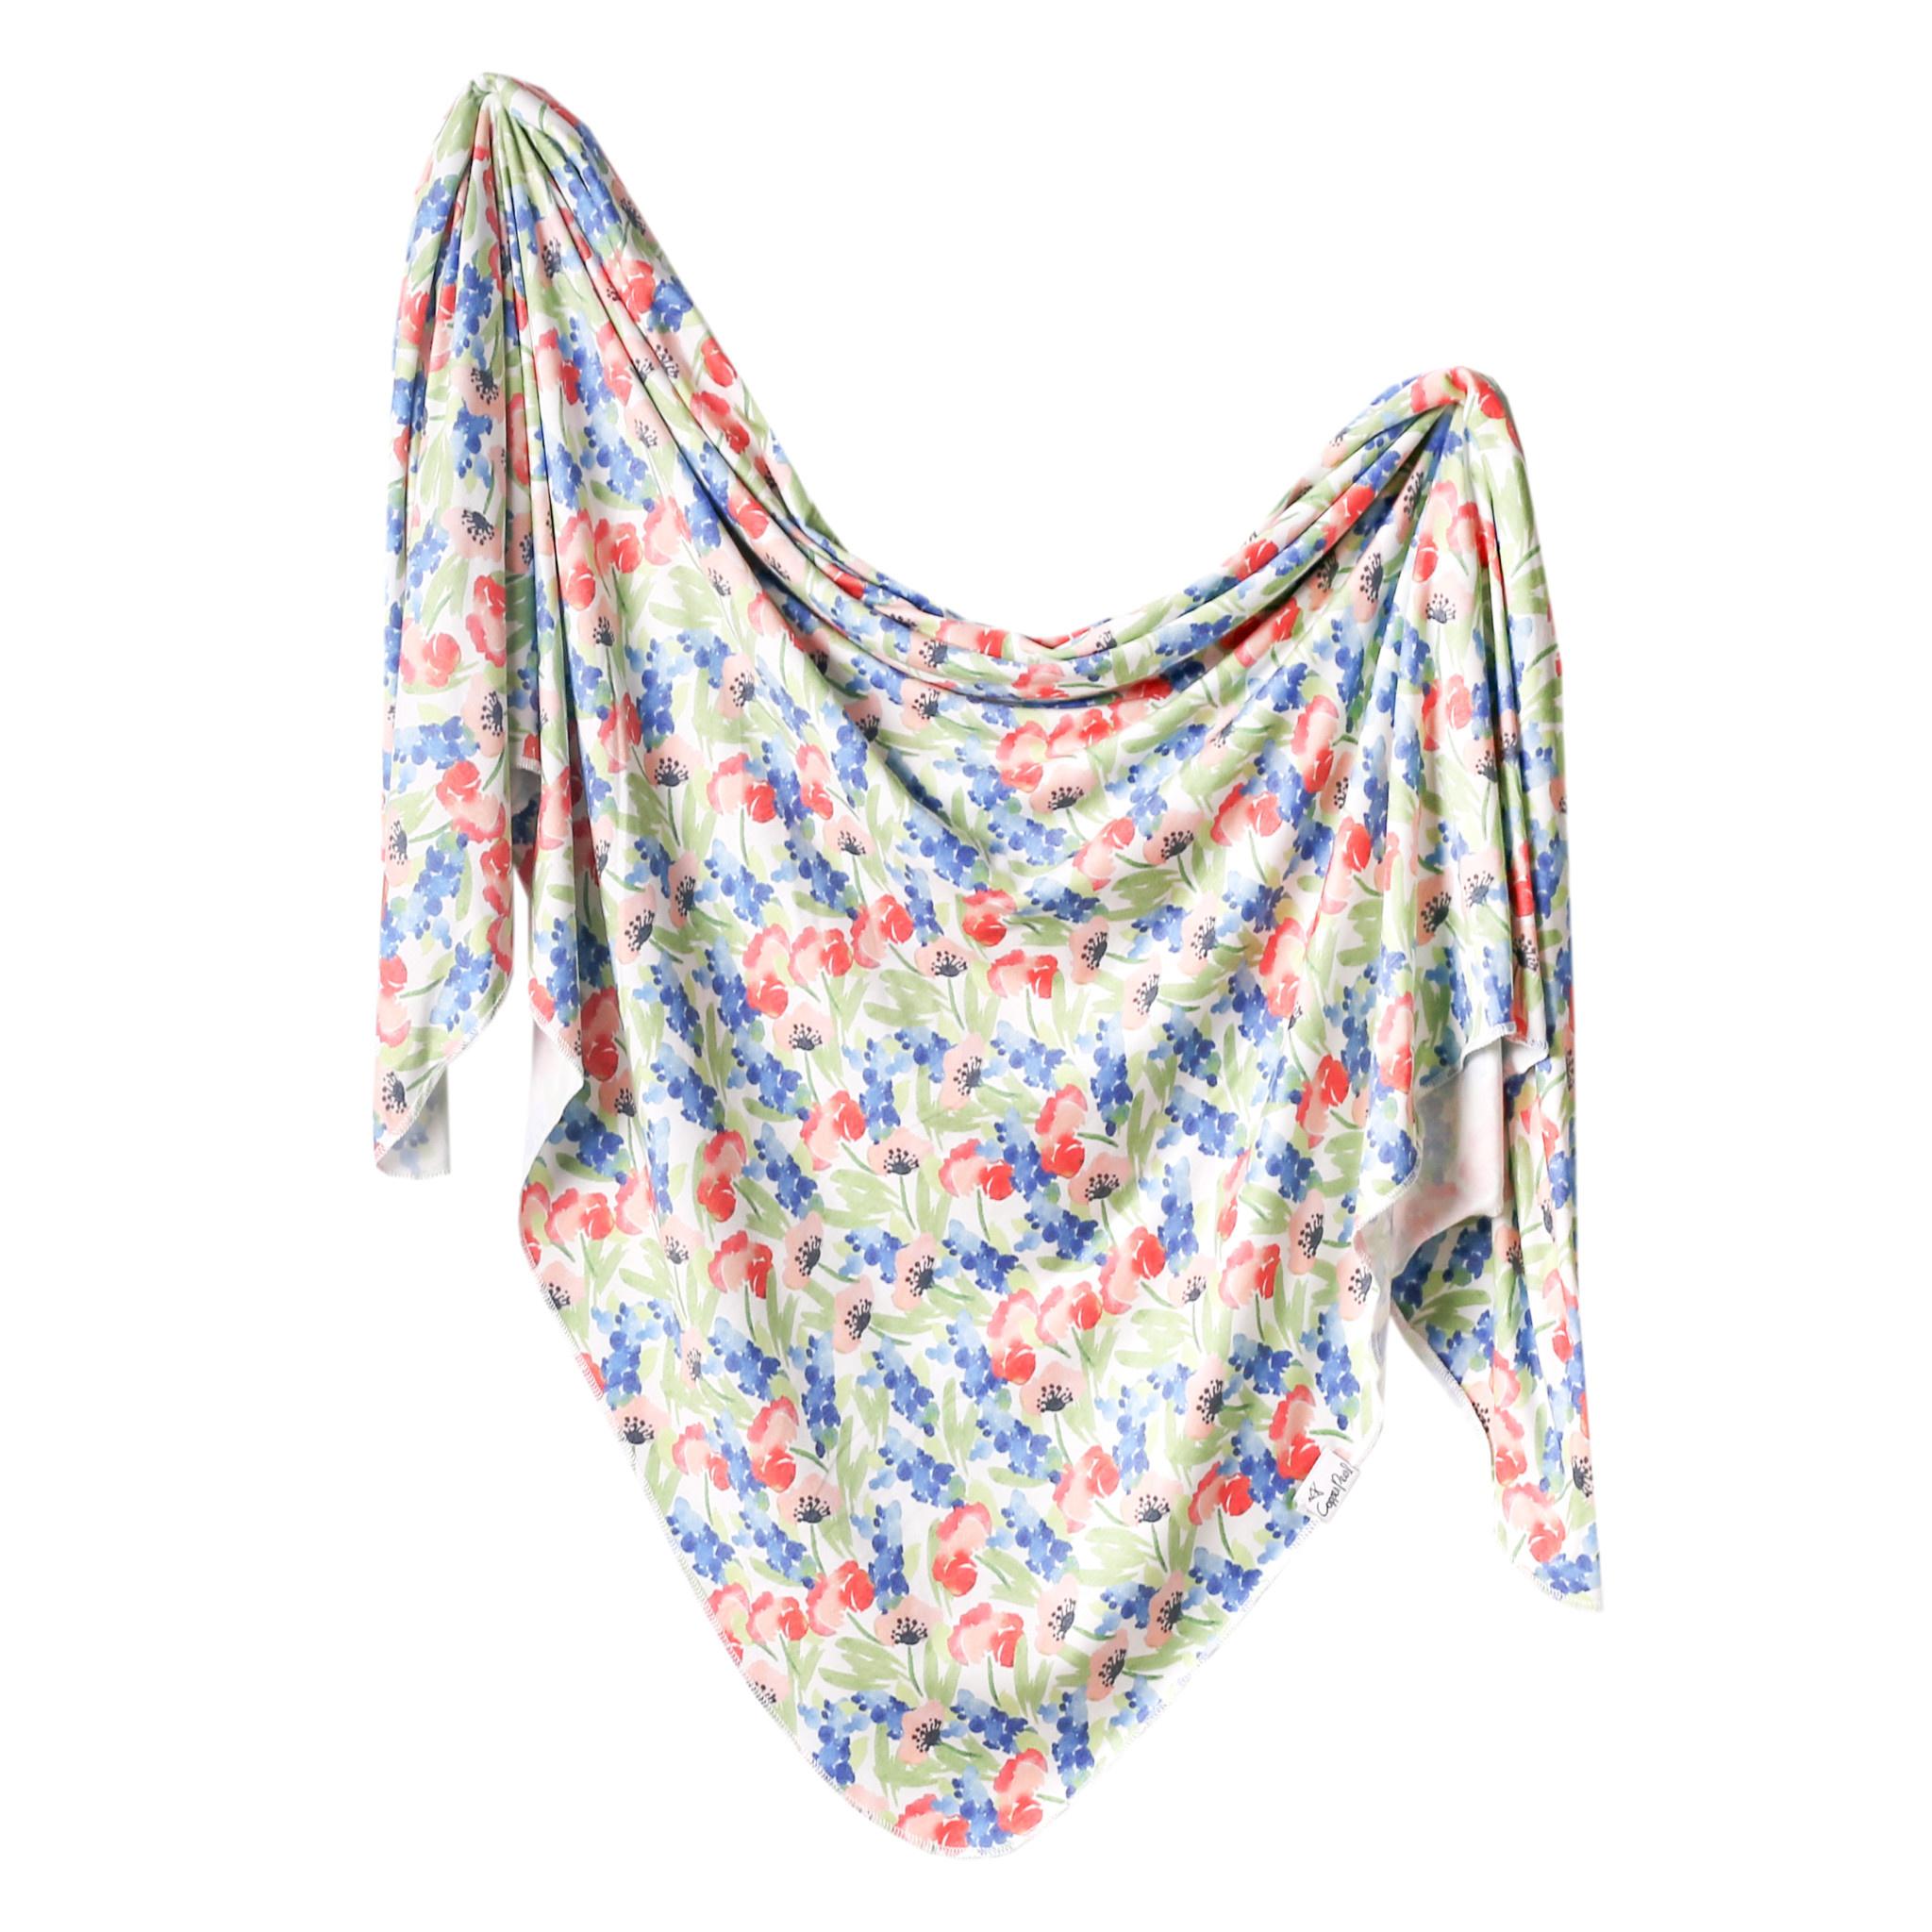 Copper Pearl Knit Swaddle Blanket Wren